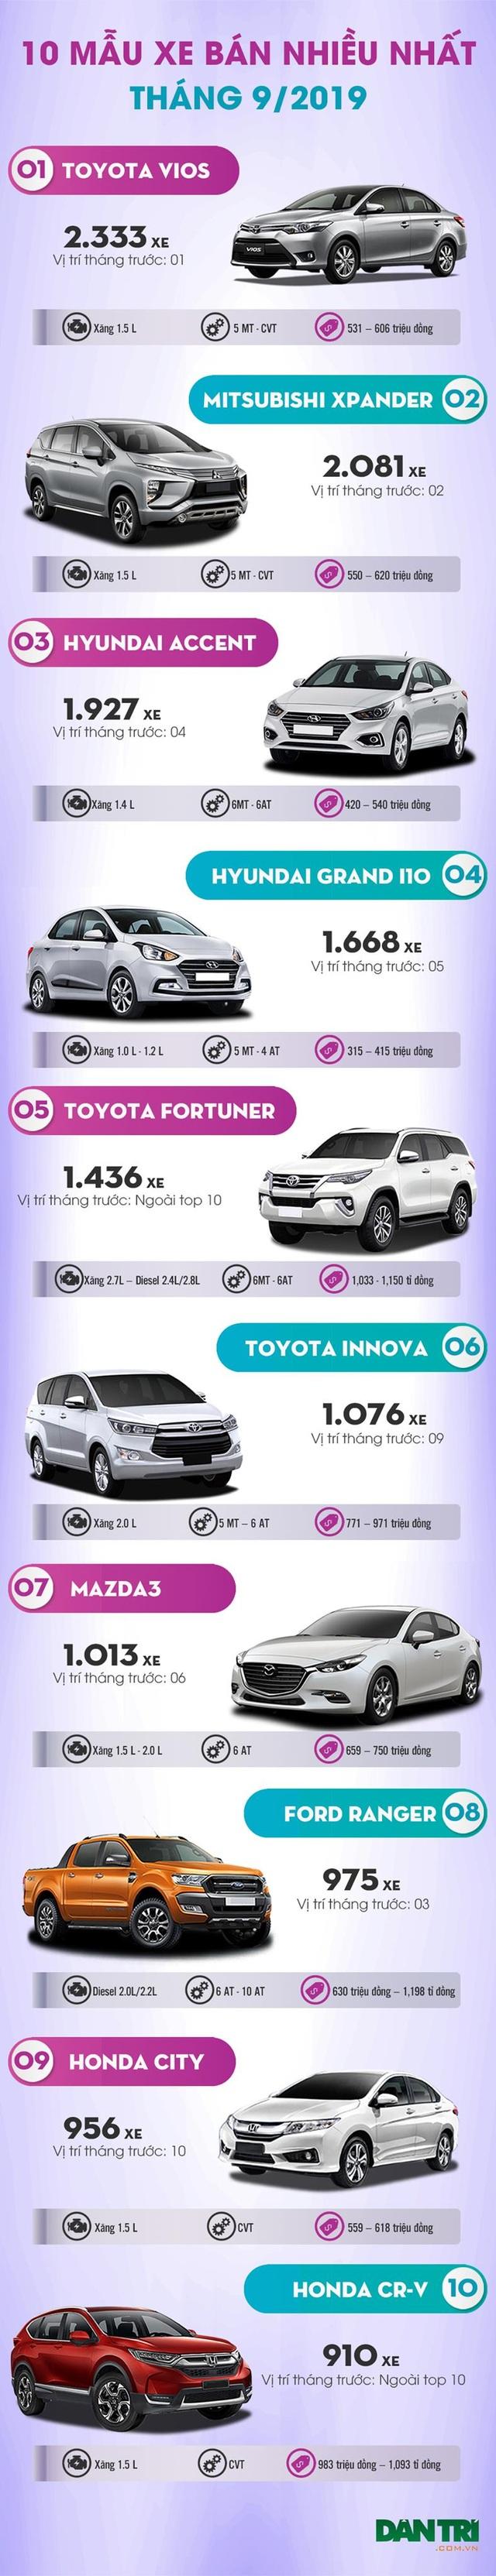 Top 10 mẫu xe bán nhiều nhất tháng 9/2019: Xpander bám riết Vios - 3